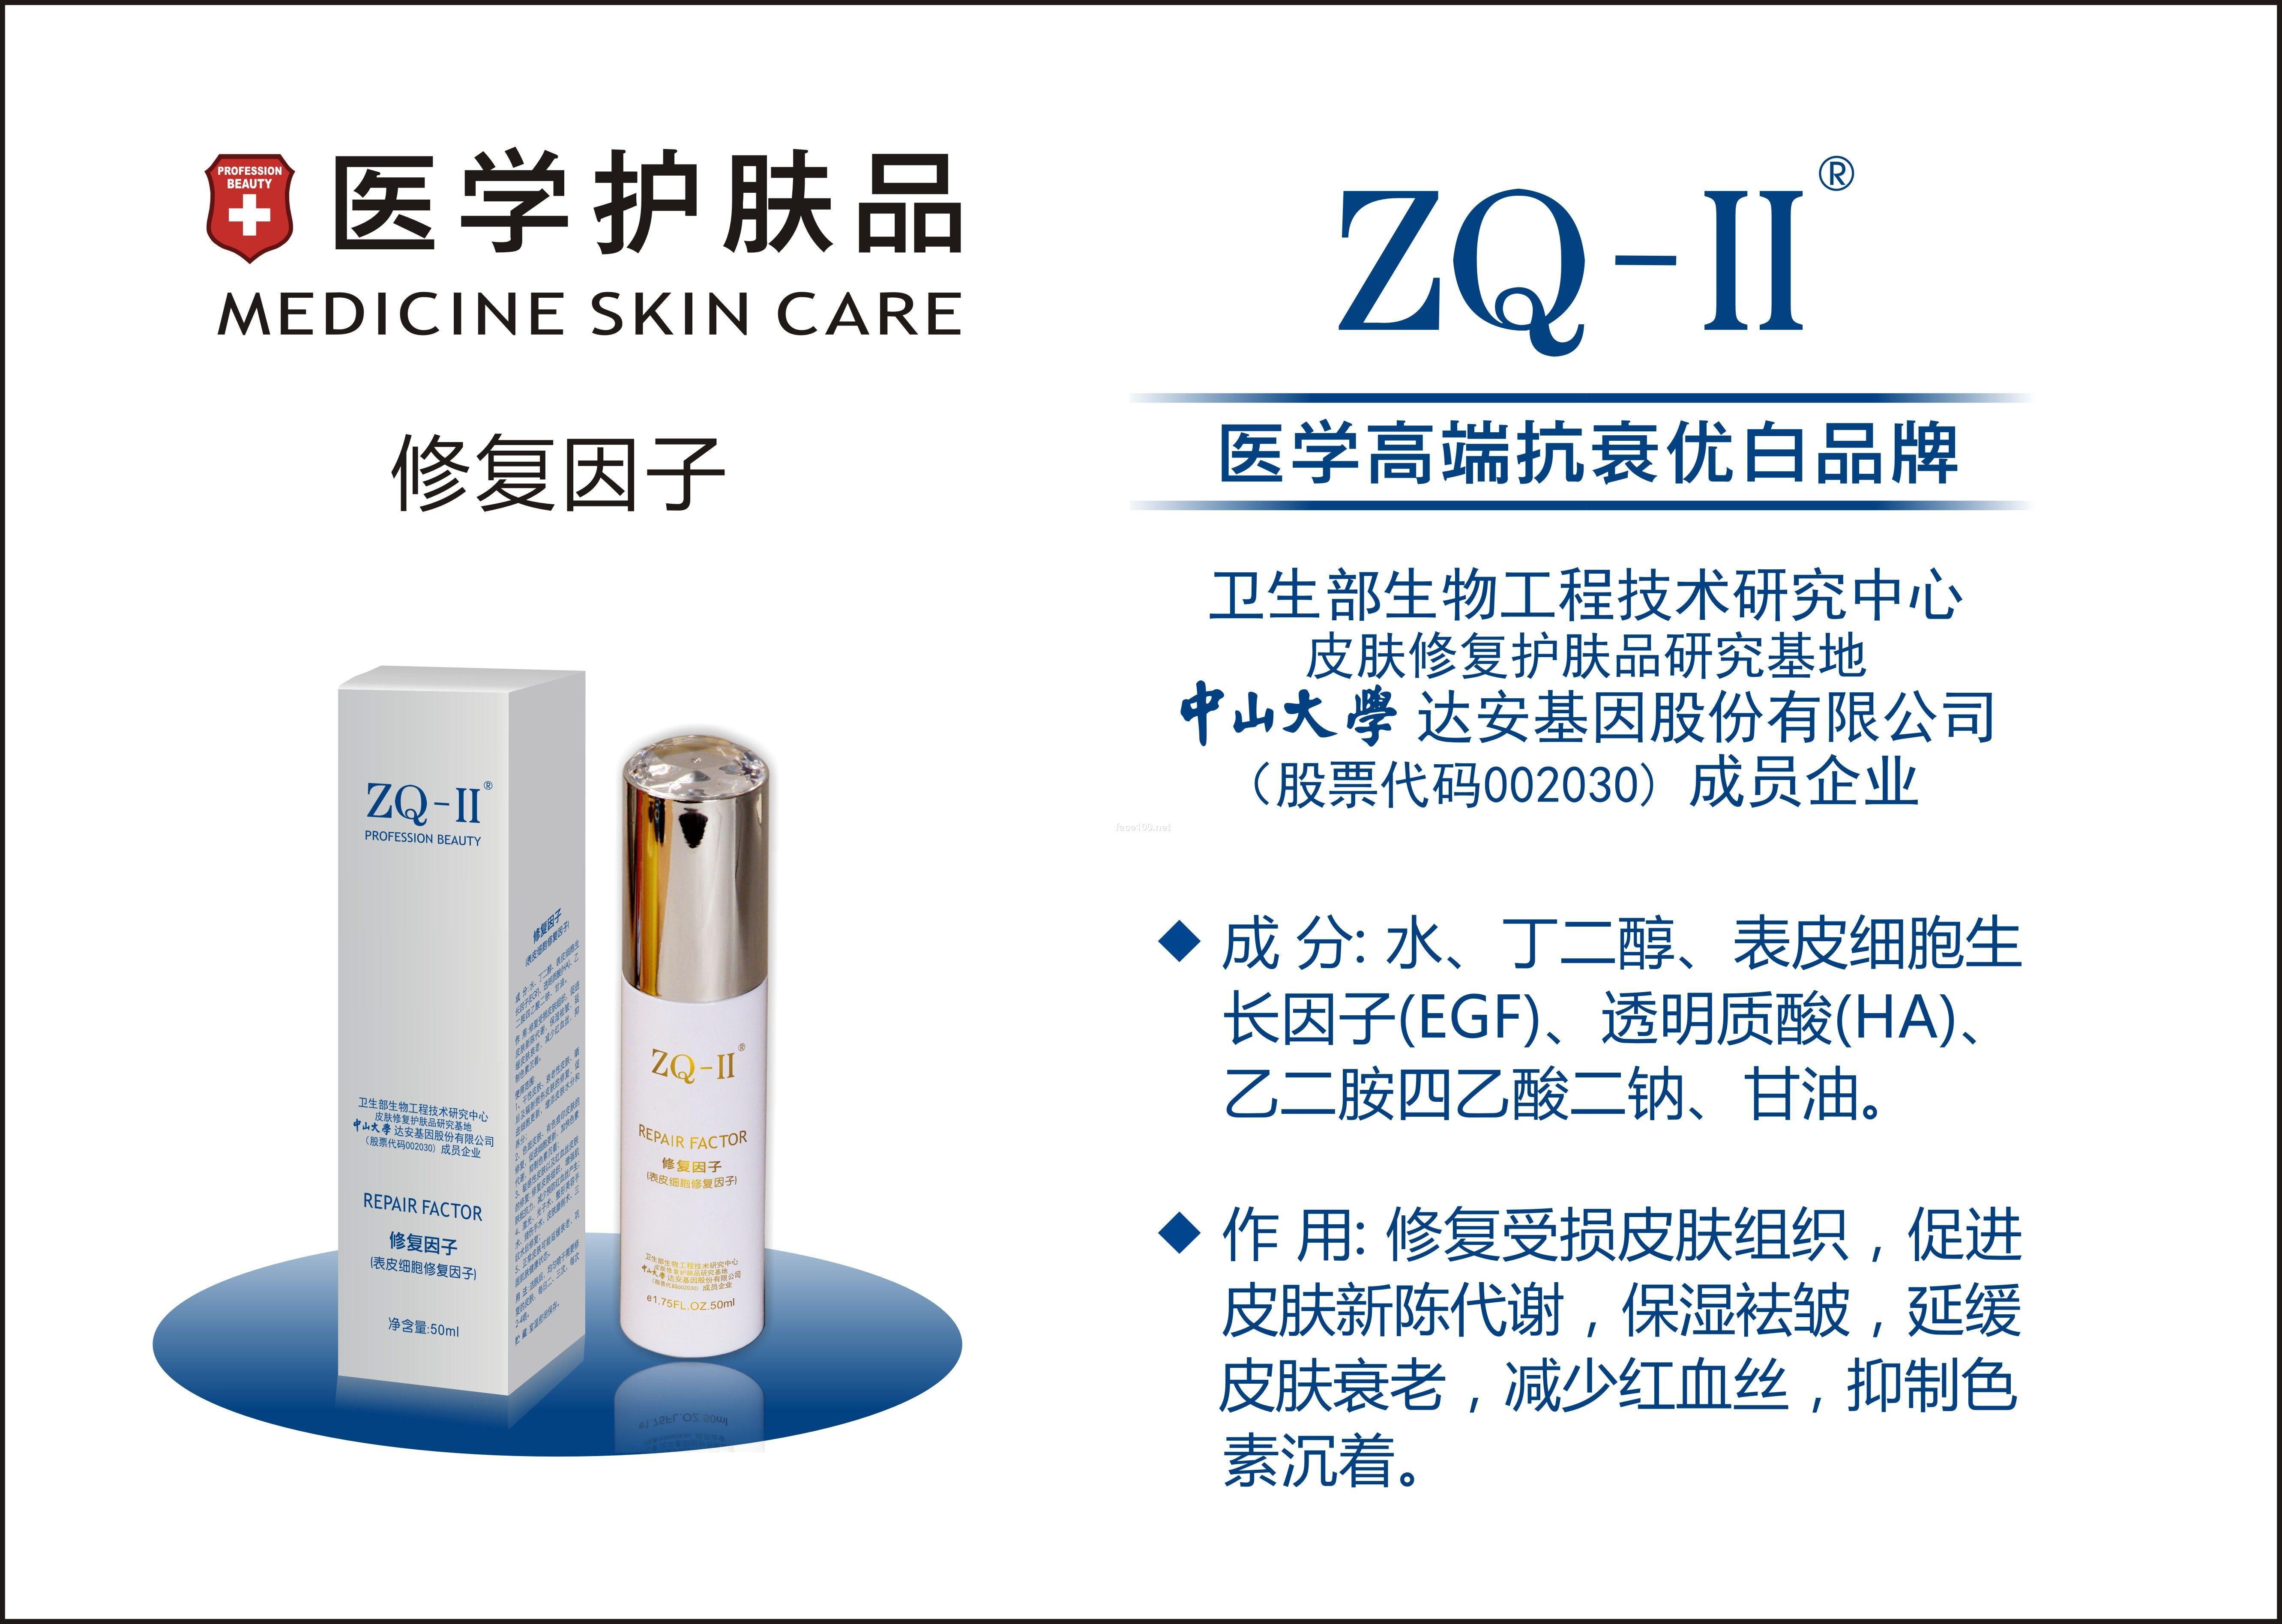 ZQ-II修护因子精华液(曾用名:修复因子)